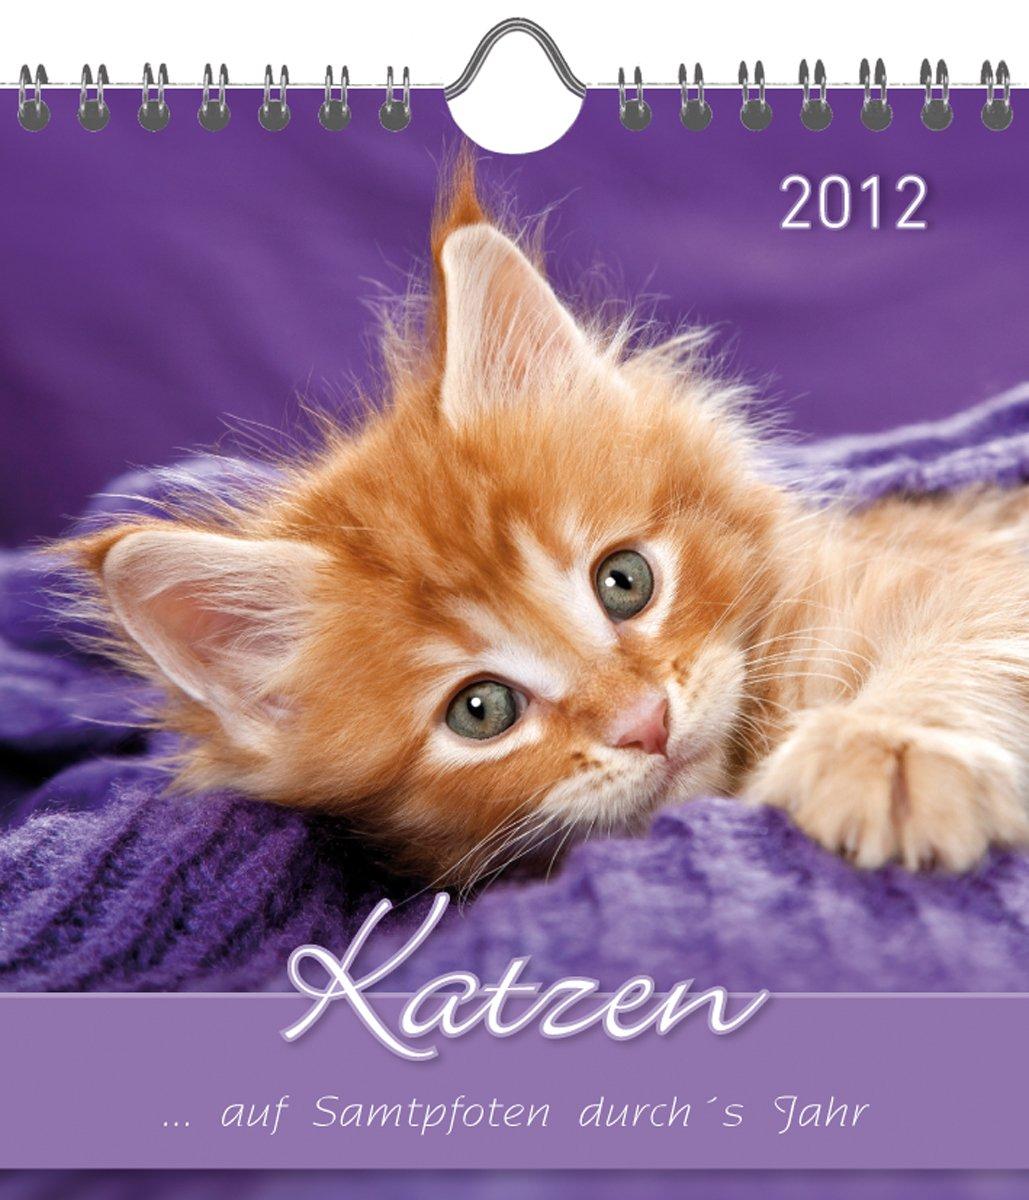 Katzen 2012